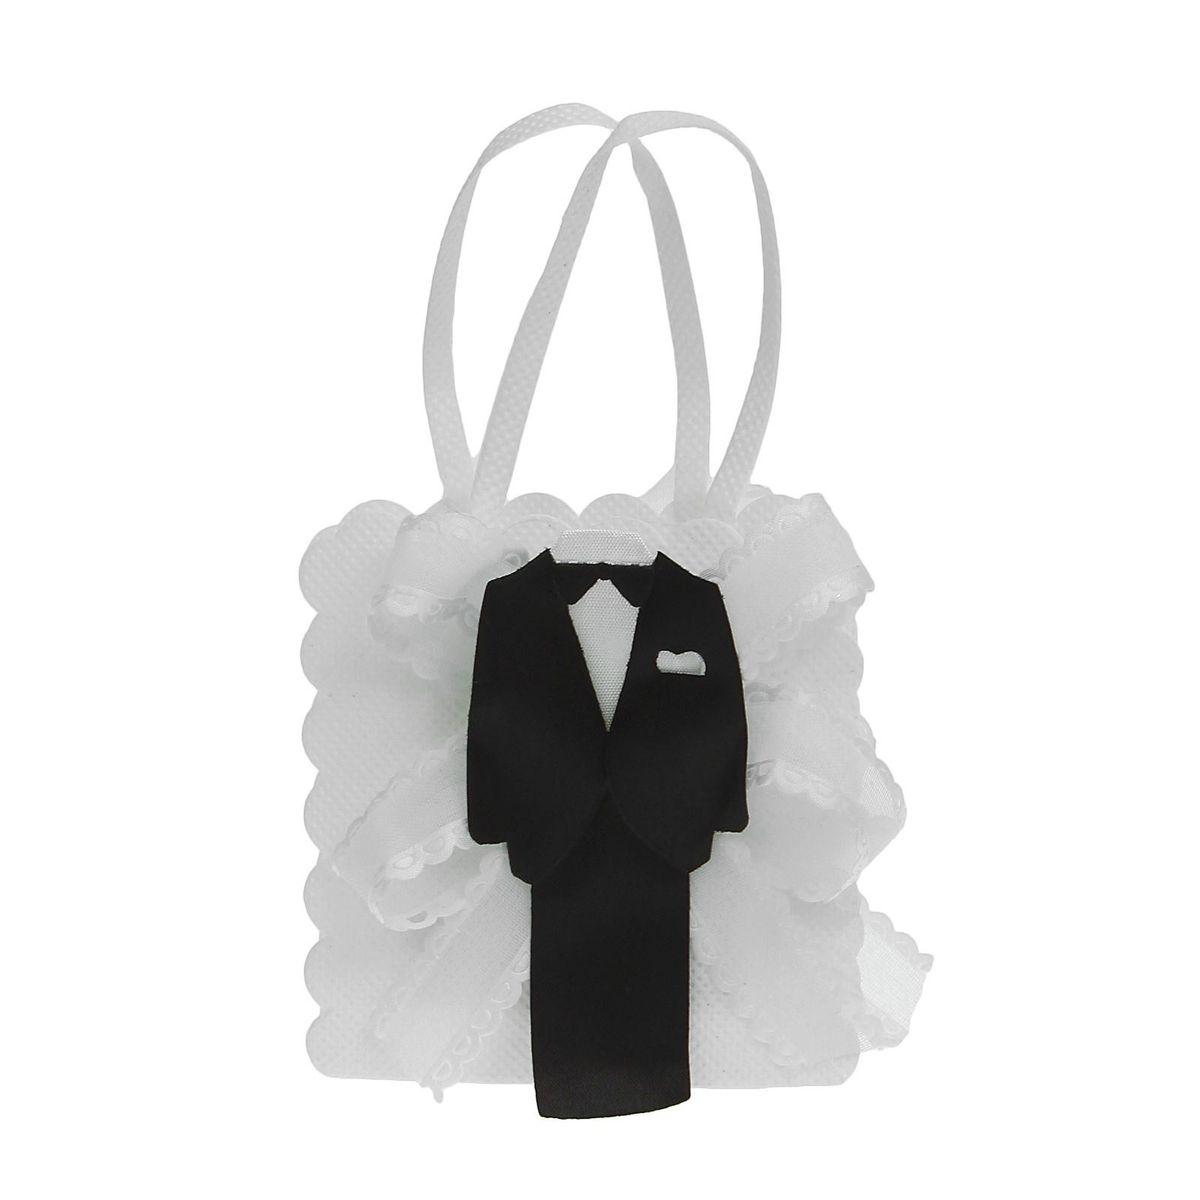 Бонбоньерка Sima-land Жених и невеста, цвет: белый, 3 x 7,5 x 8,5 см1300370Свадебные аксессуары - это финальный аккорд в оформлении праздника. Бонбоньерка Жених и невеста - атрибут, который поможет в создании стиля помещения, общей цветовой гаммы и усилит впечатления от главного дня в жизни любой пары. Изящный аксессуар придаст вашему торжеству зрелищности и яркости, создав нужное настроение. В яркую сумочку вы сможете упаковать сладкое угощение для своих гостей, например конфетки. Этот сувенир станет приятным сюрпризом для дорогих сердцу людей, символом вашей благодарности и заботы о них.